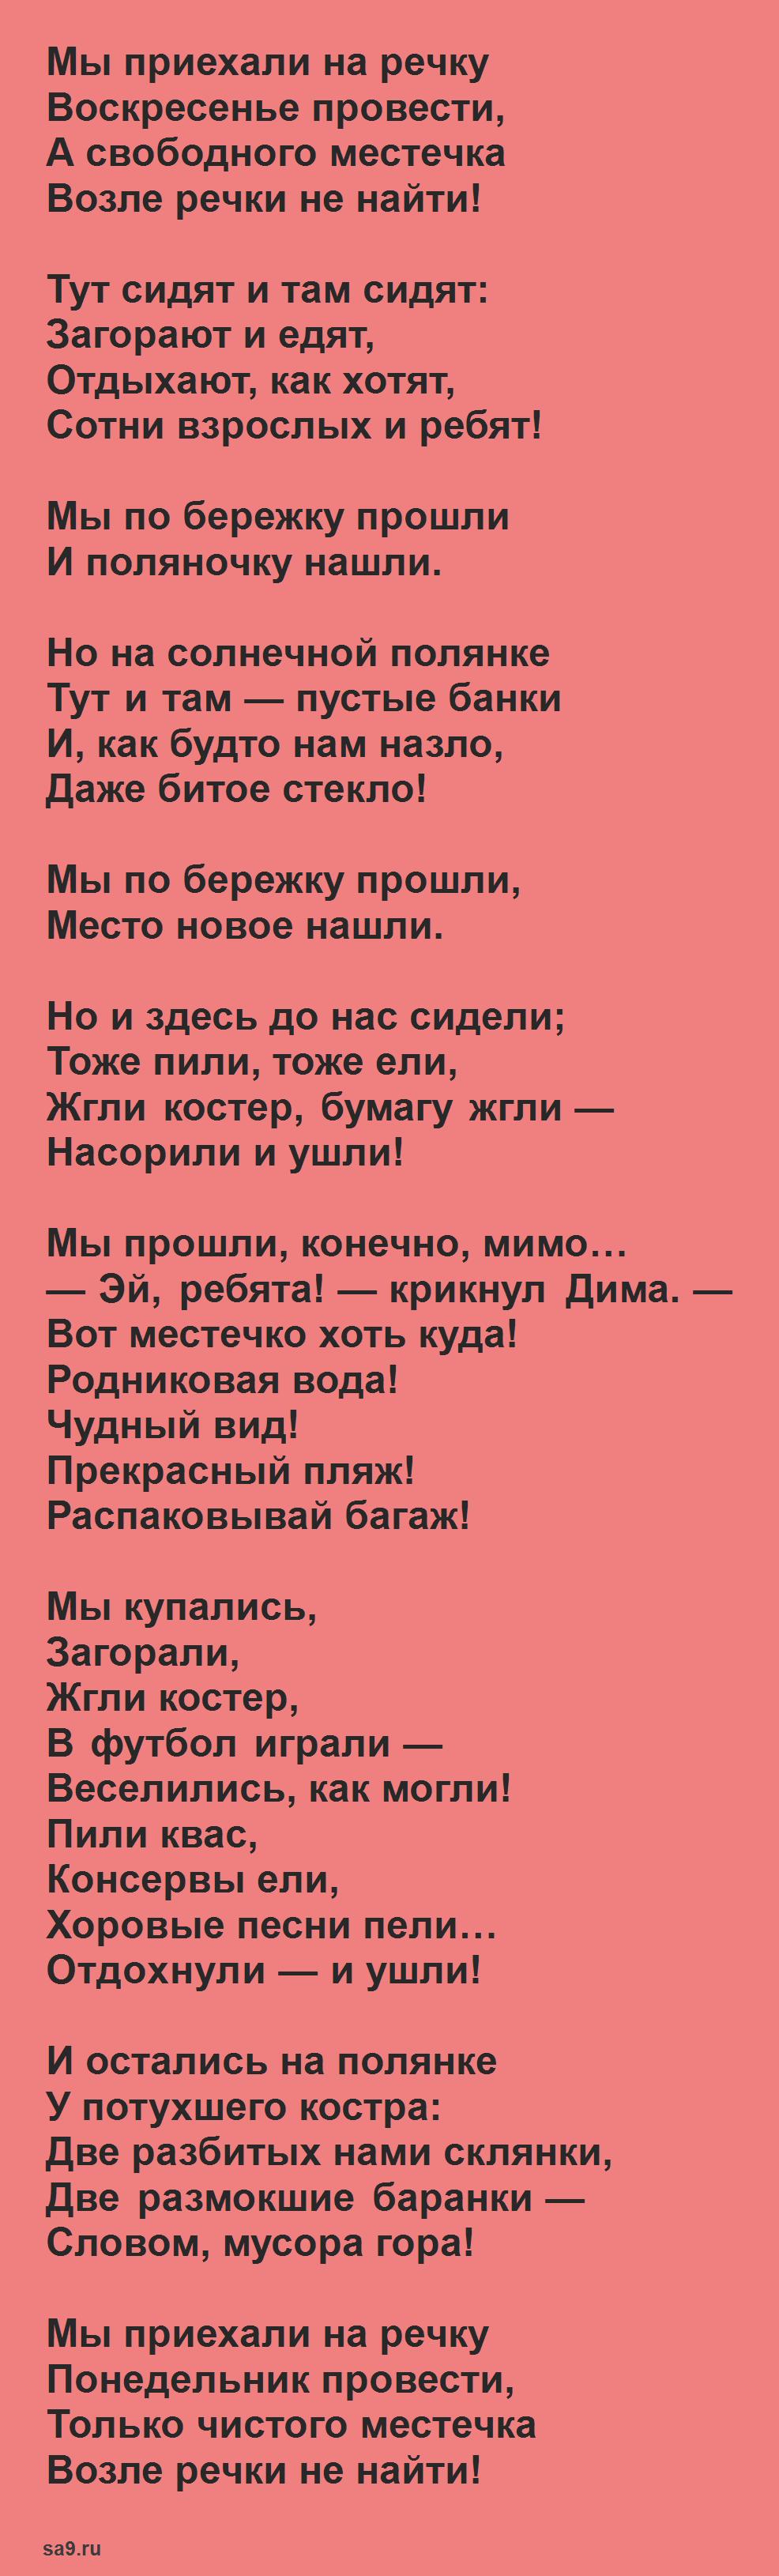 Стихи Михалкова для класса - Прогулка